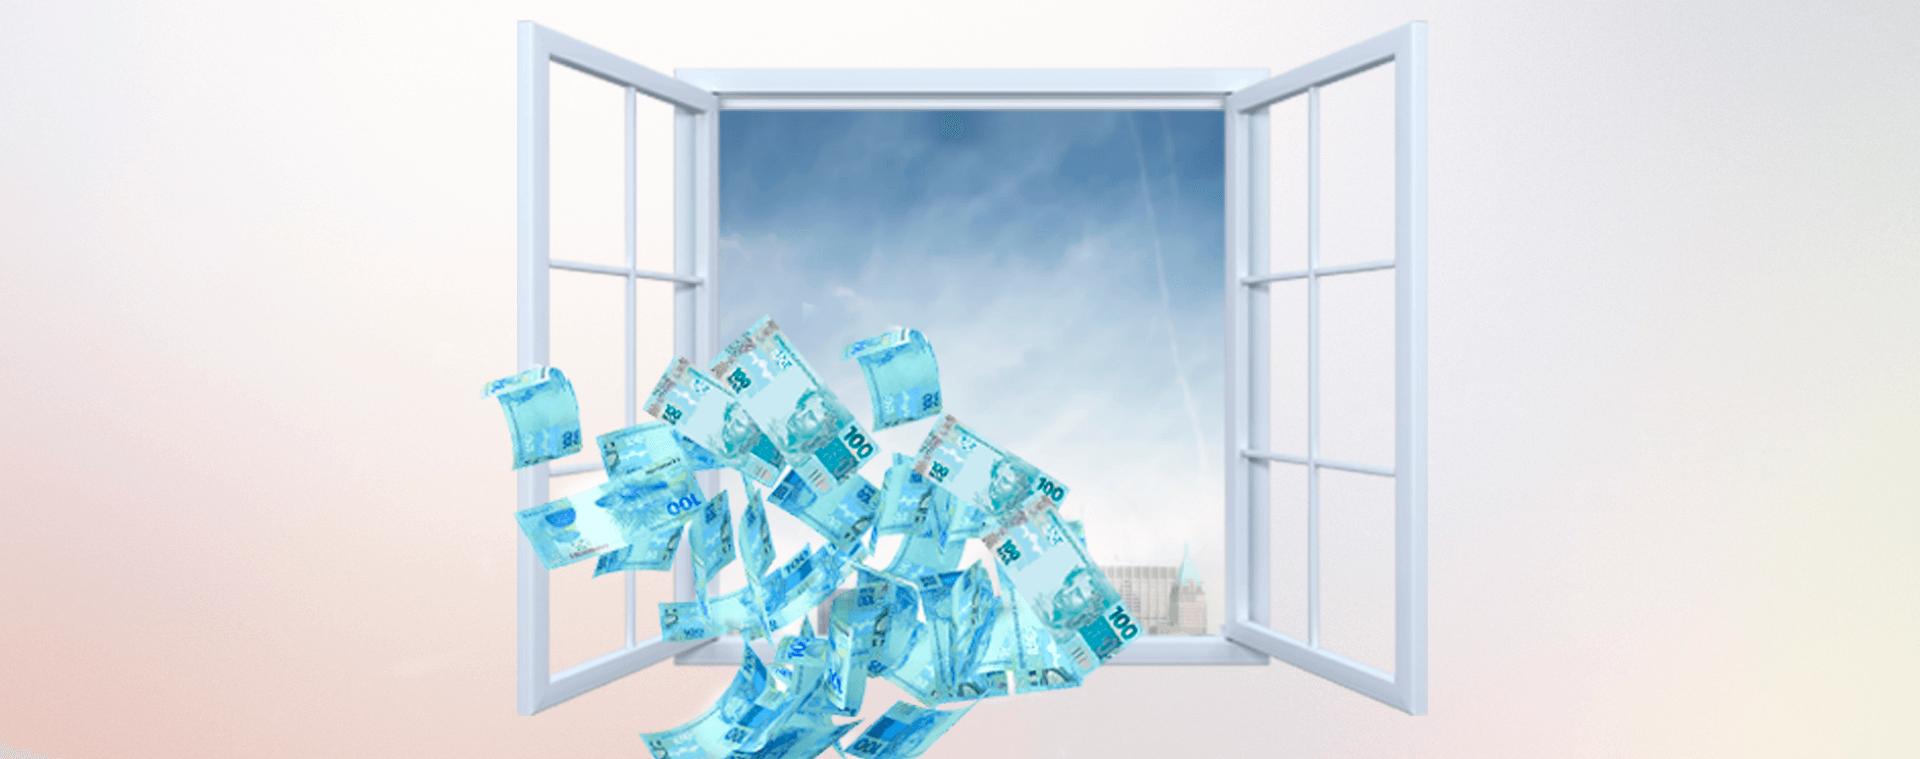 Sabia que sua empresa pode estar perdendo dinheiro? Aprenda a medir a rentabilidade e evitar prejuízos financeiros.